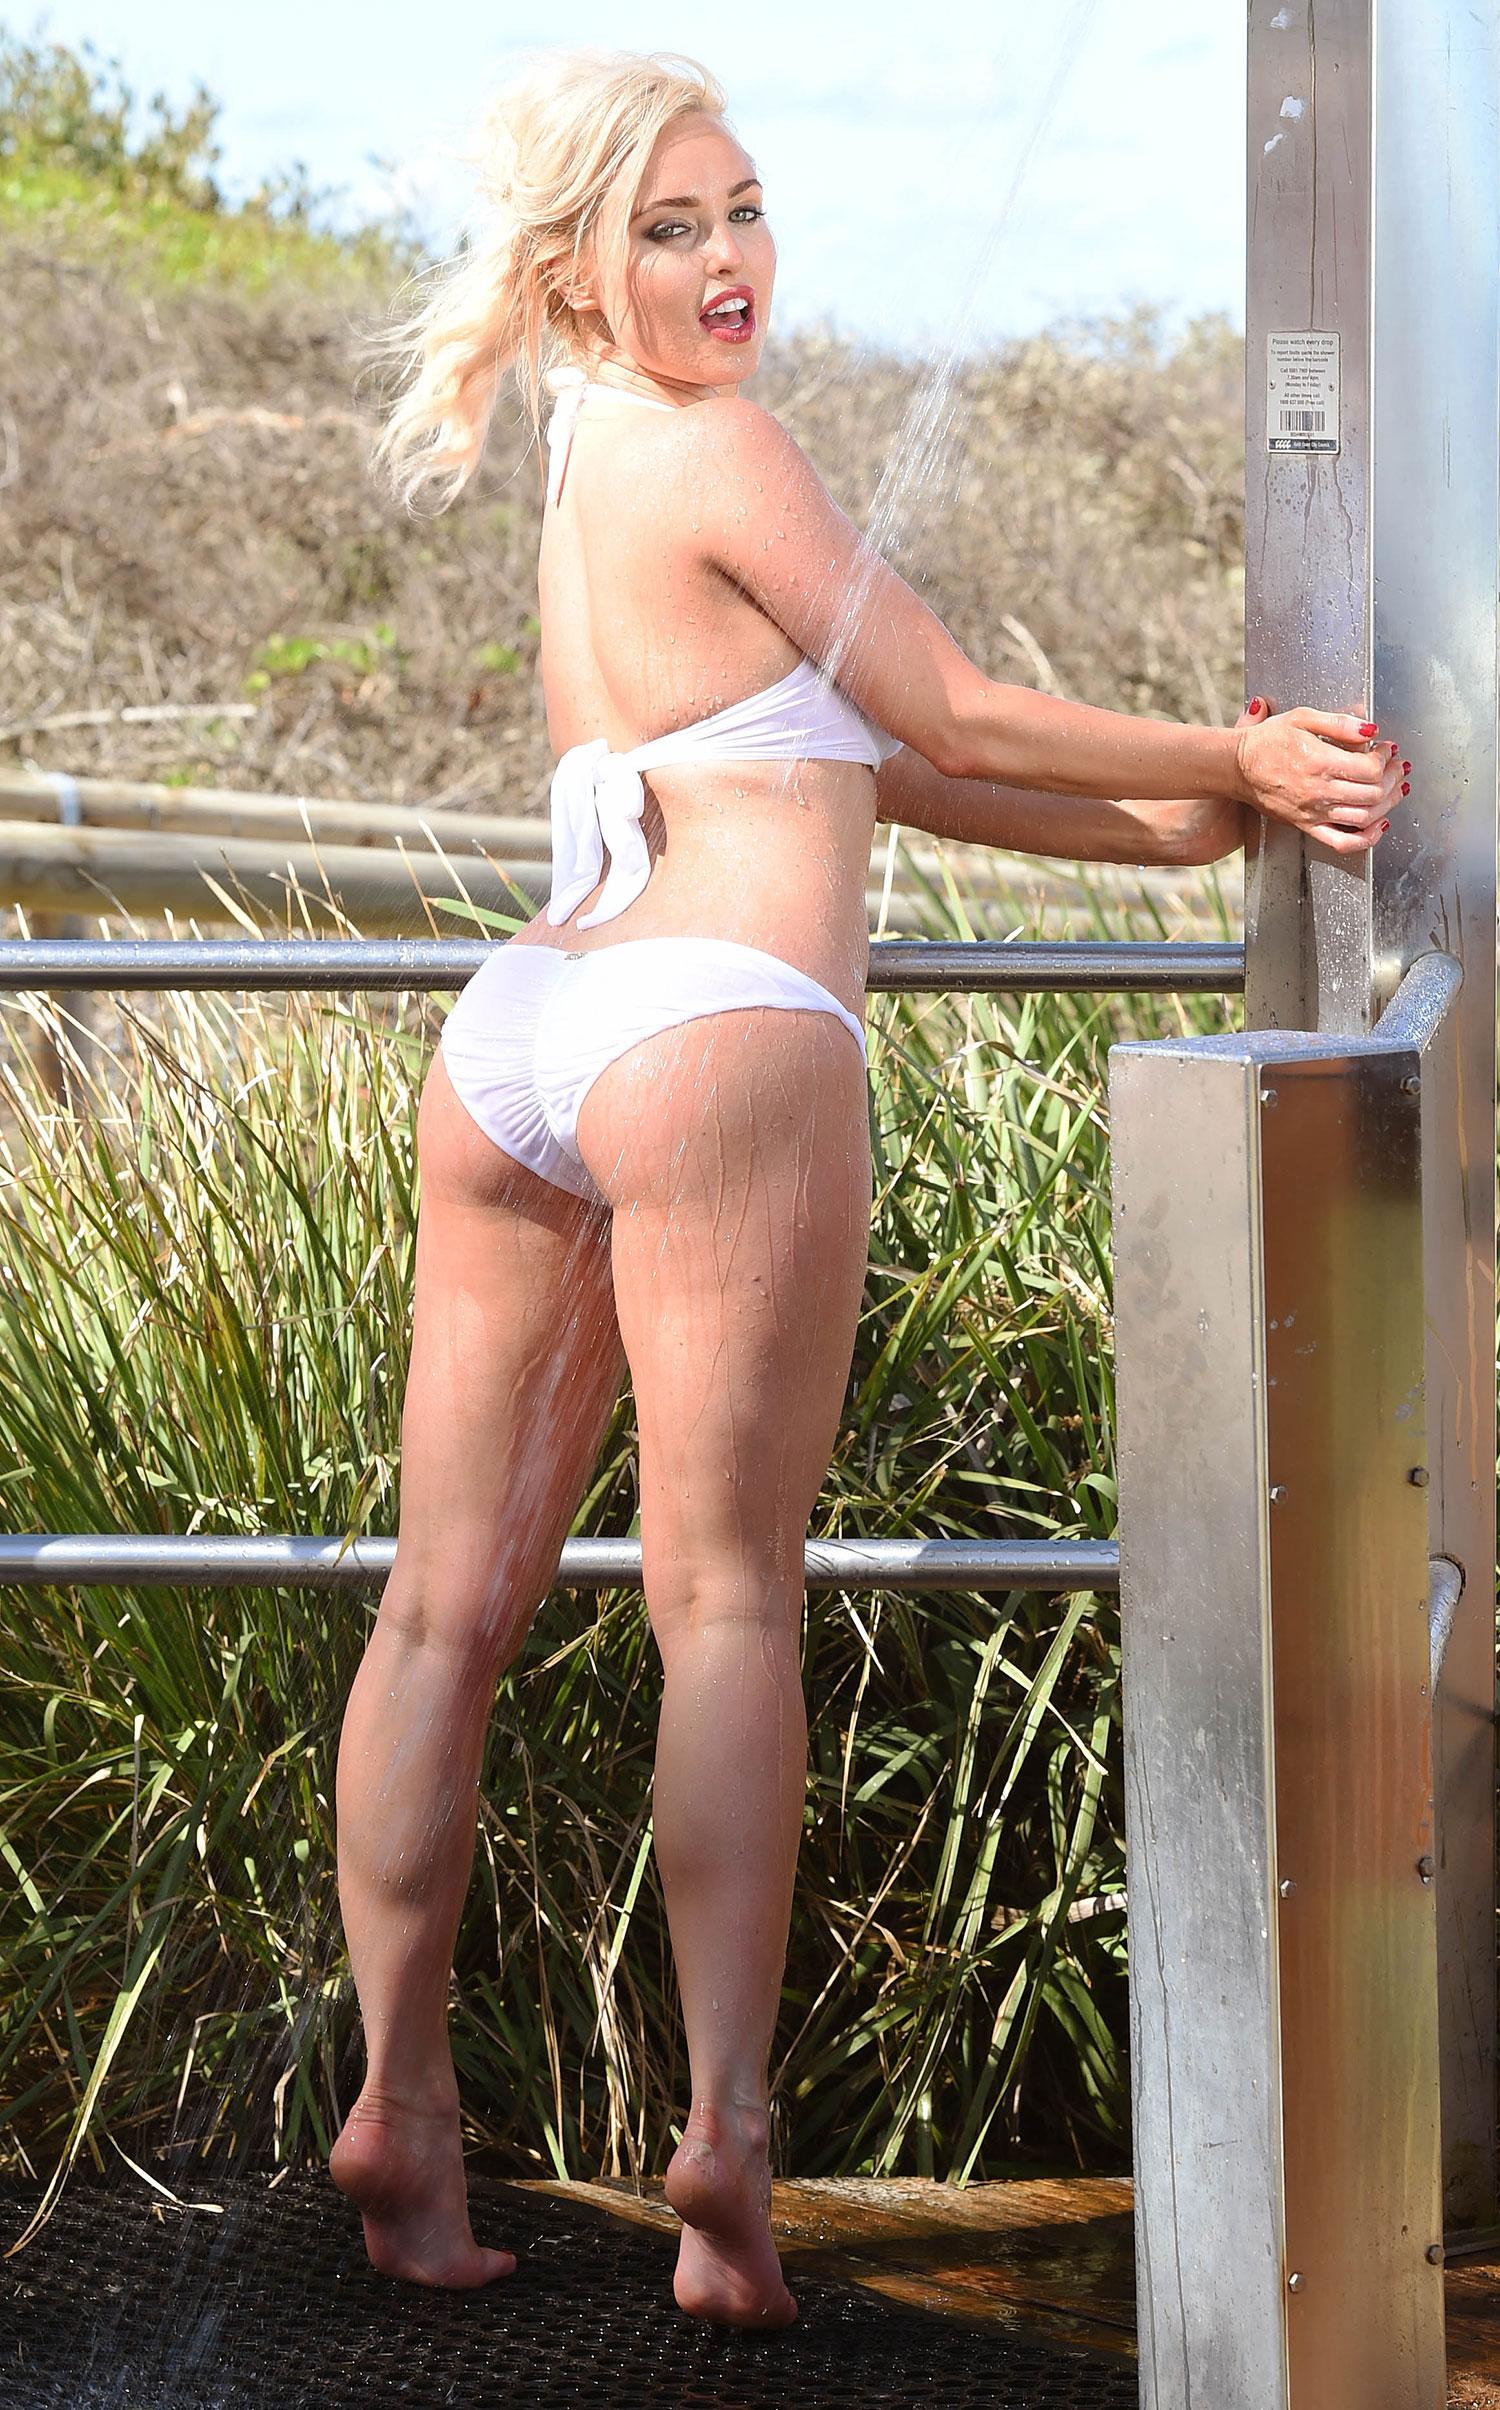 XXX Jorgie Porter nudes (47 photos), Pussy, Cleavage, Twitter, underwear 2020